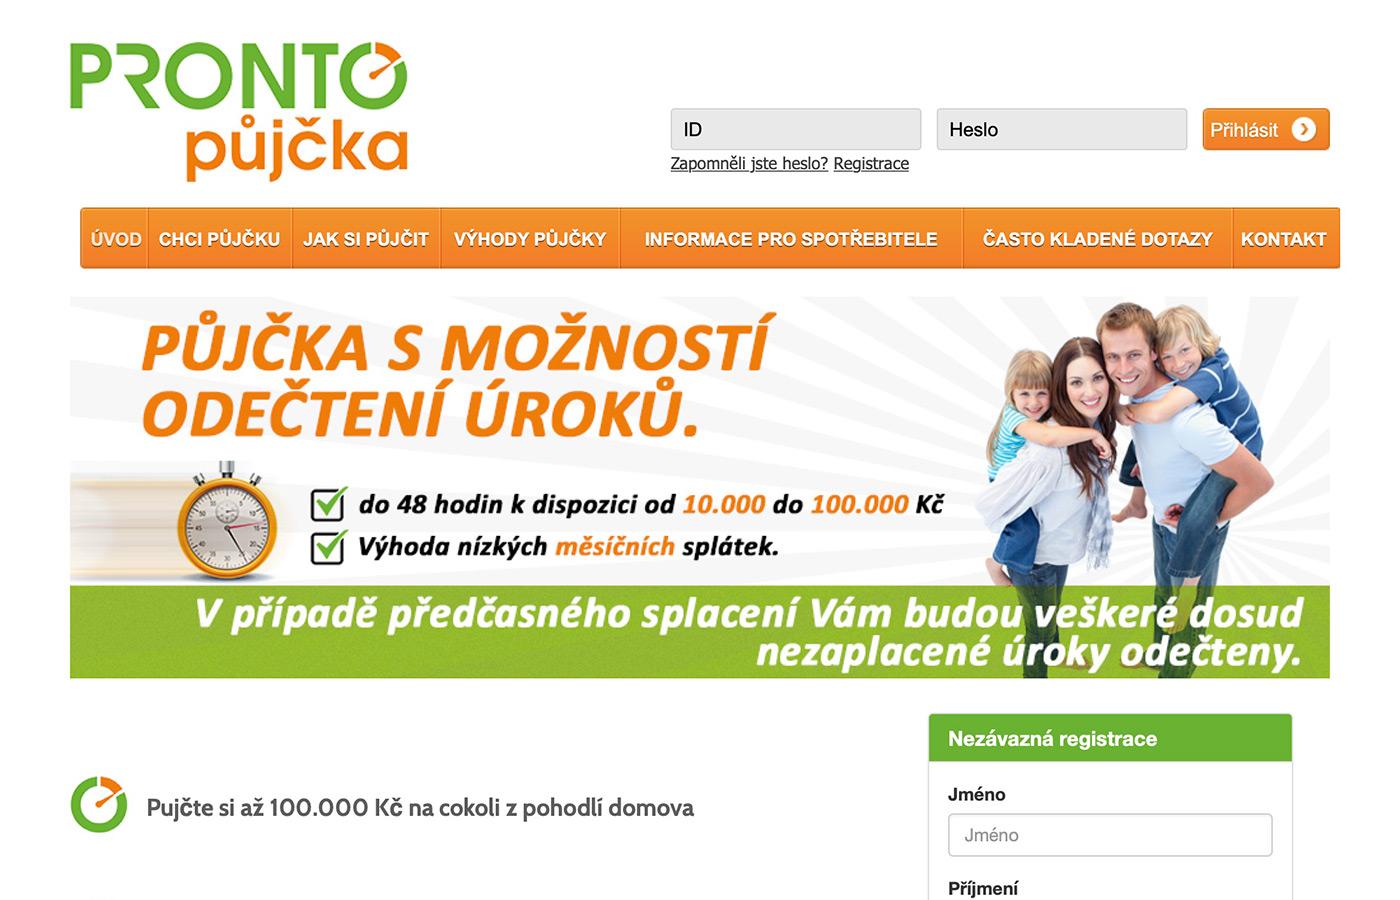 Webové stránky https://prontopujcka.cz